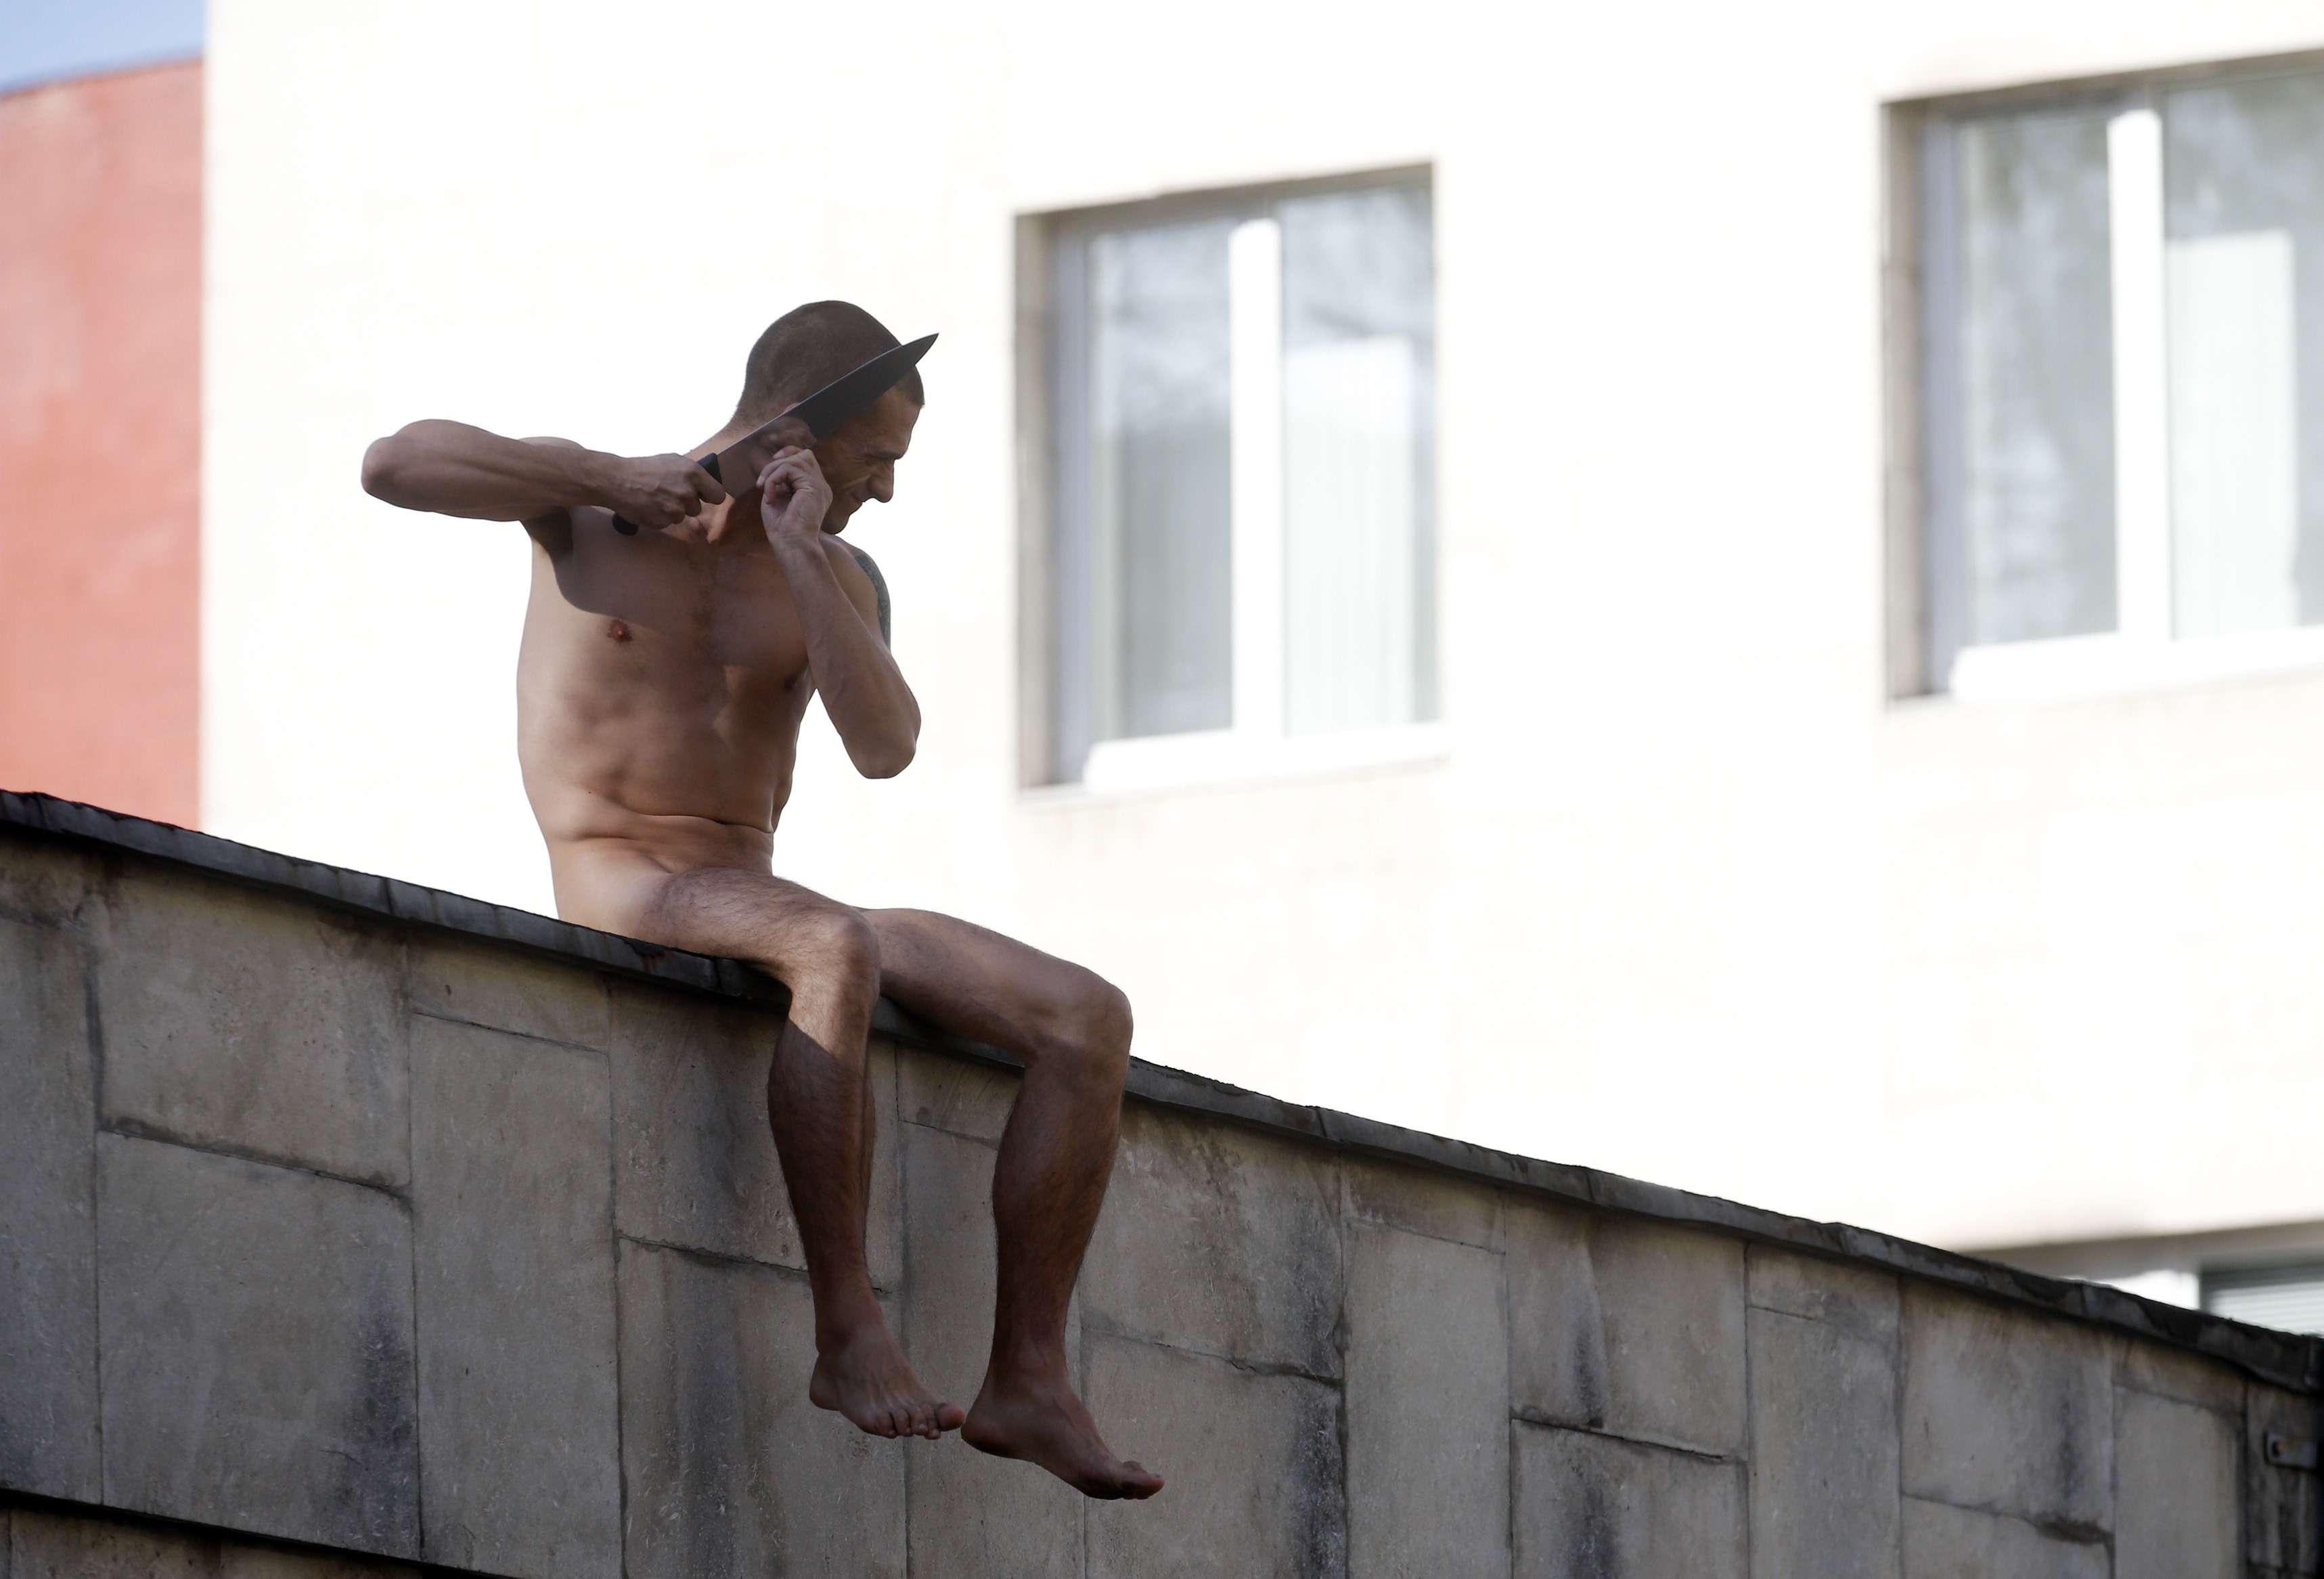 Pyotr Pavlensky se cortó el lóbulo de la oreja para protestar contra el uso de la psiquiatría con fines políticos. Foto: Reuters en español